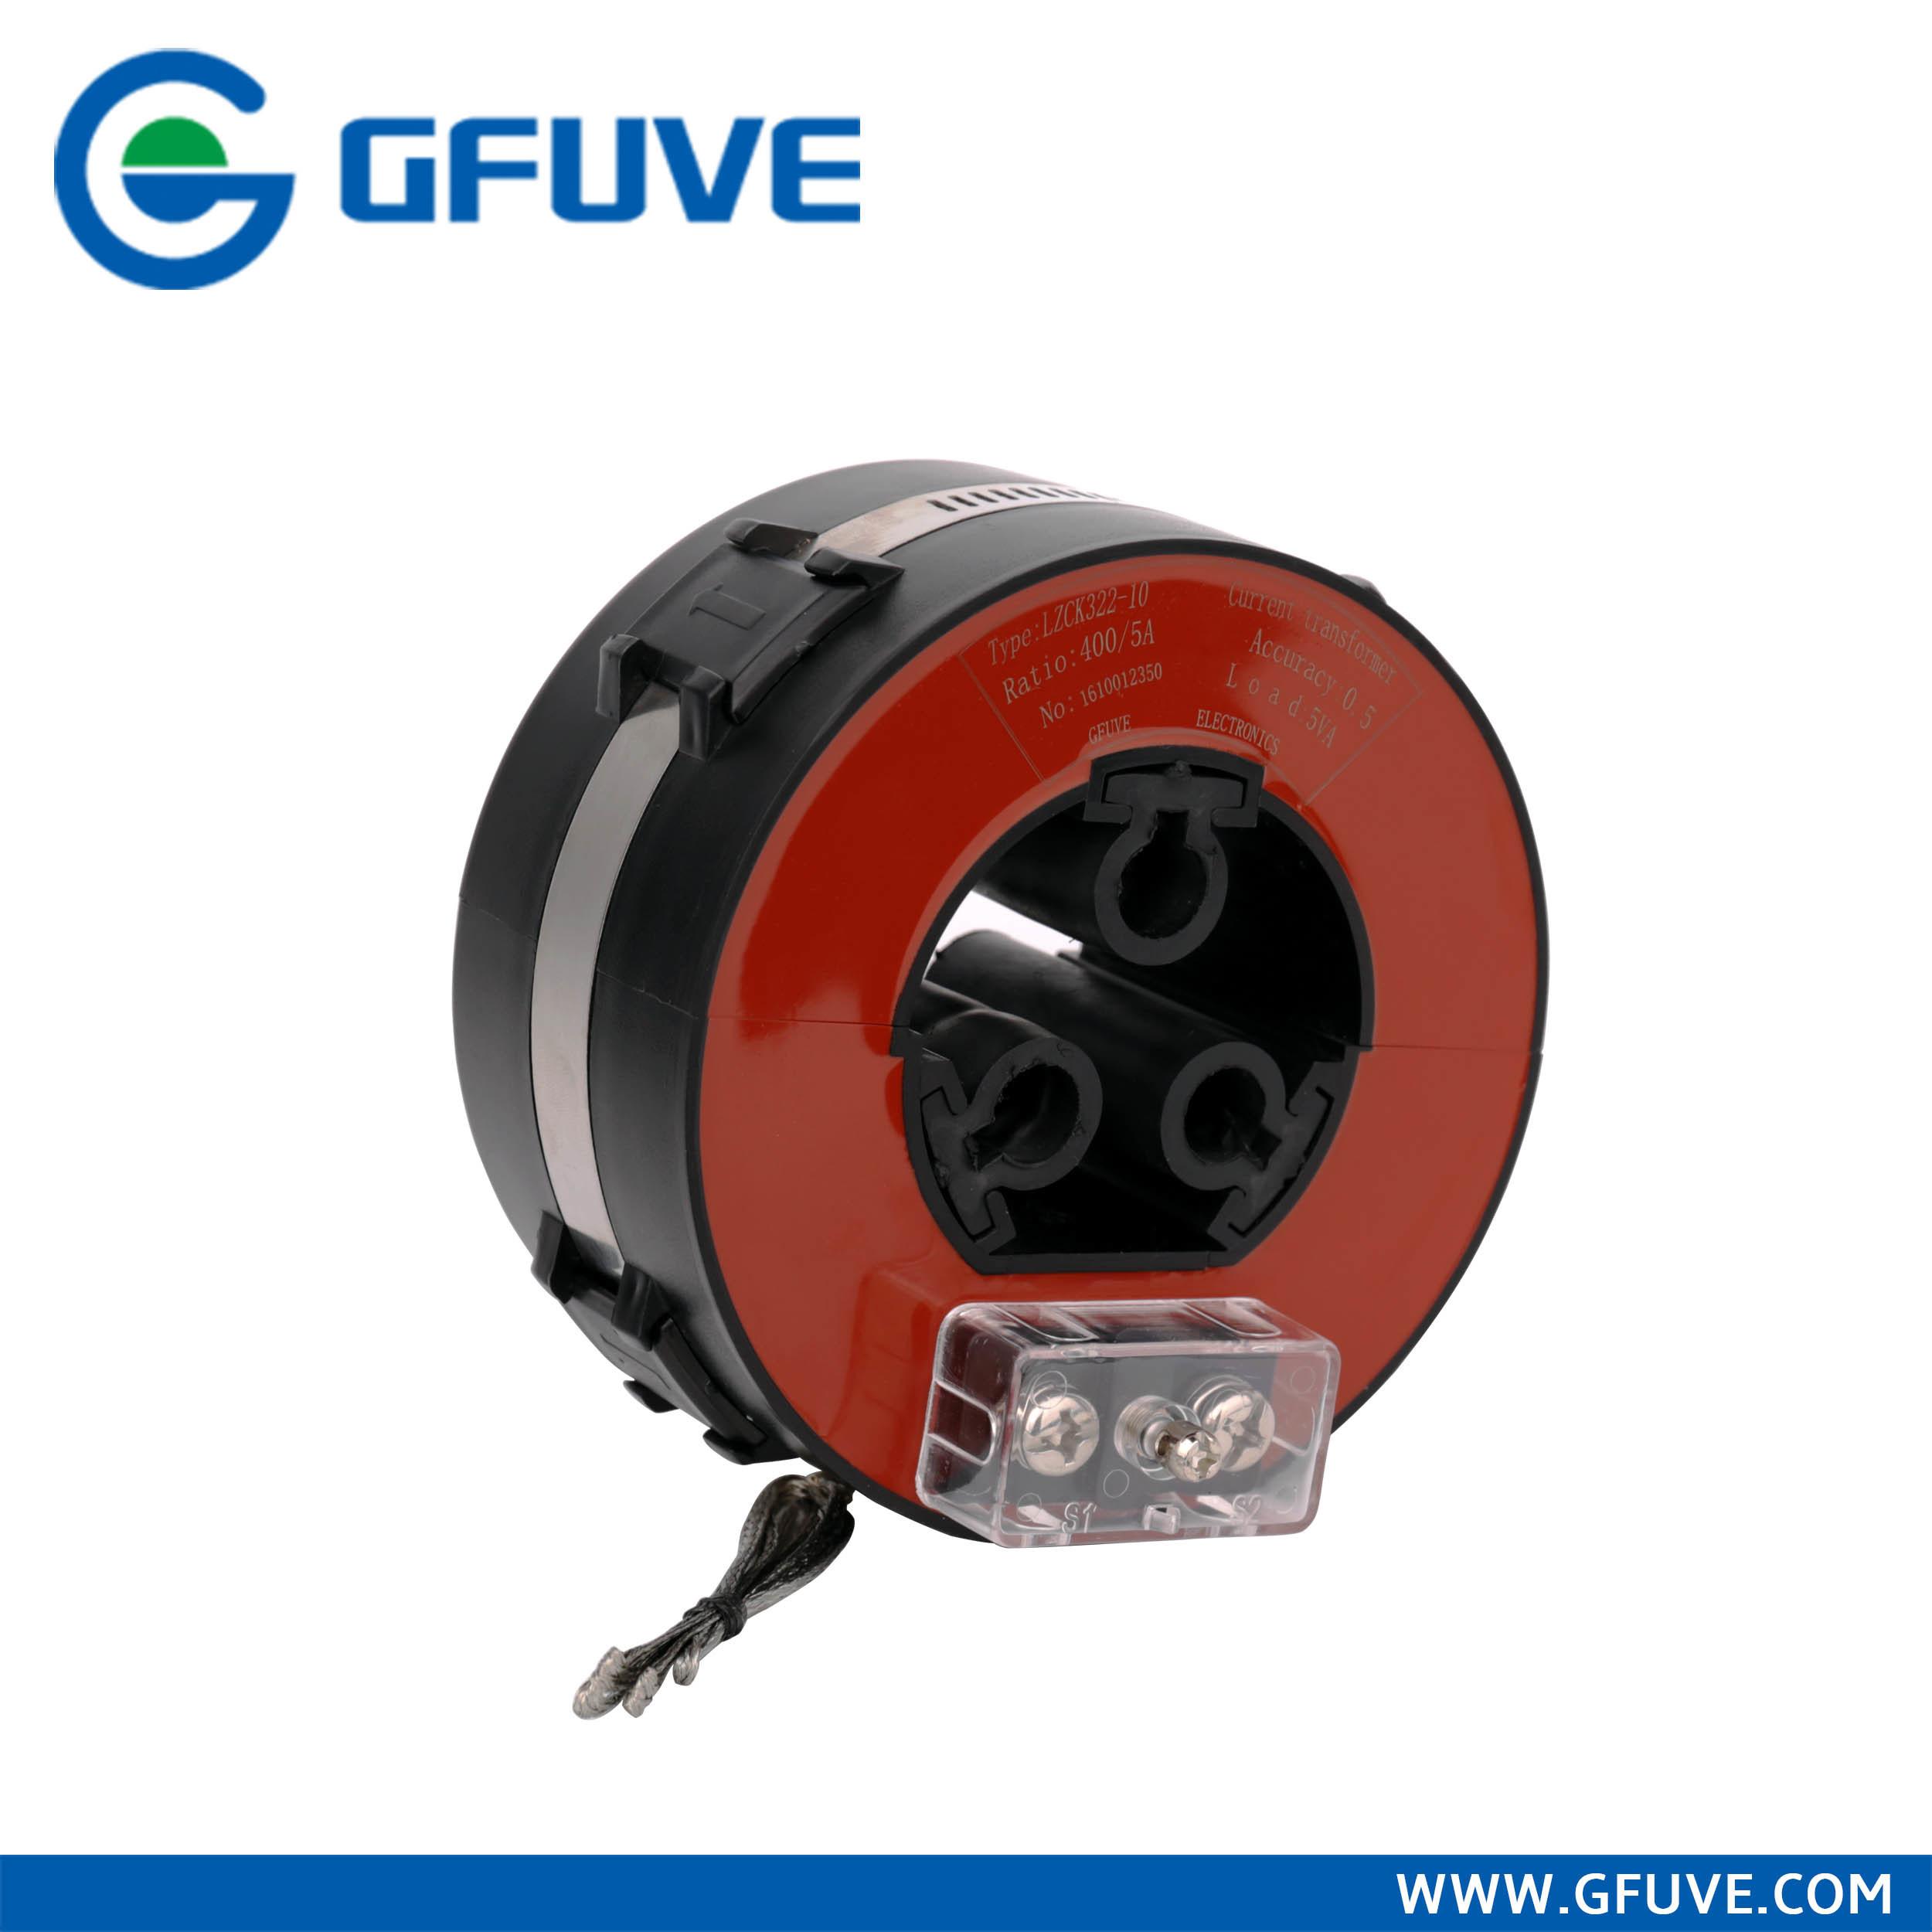 33kv MID Voltage Current Transformer